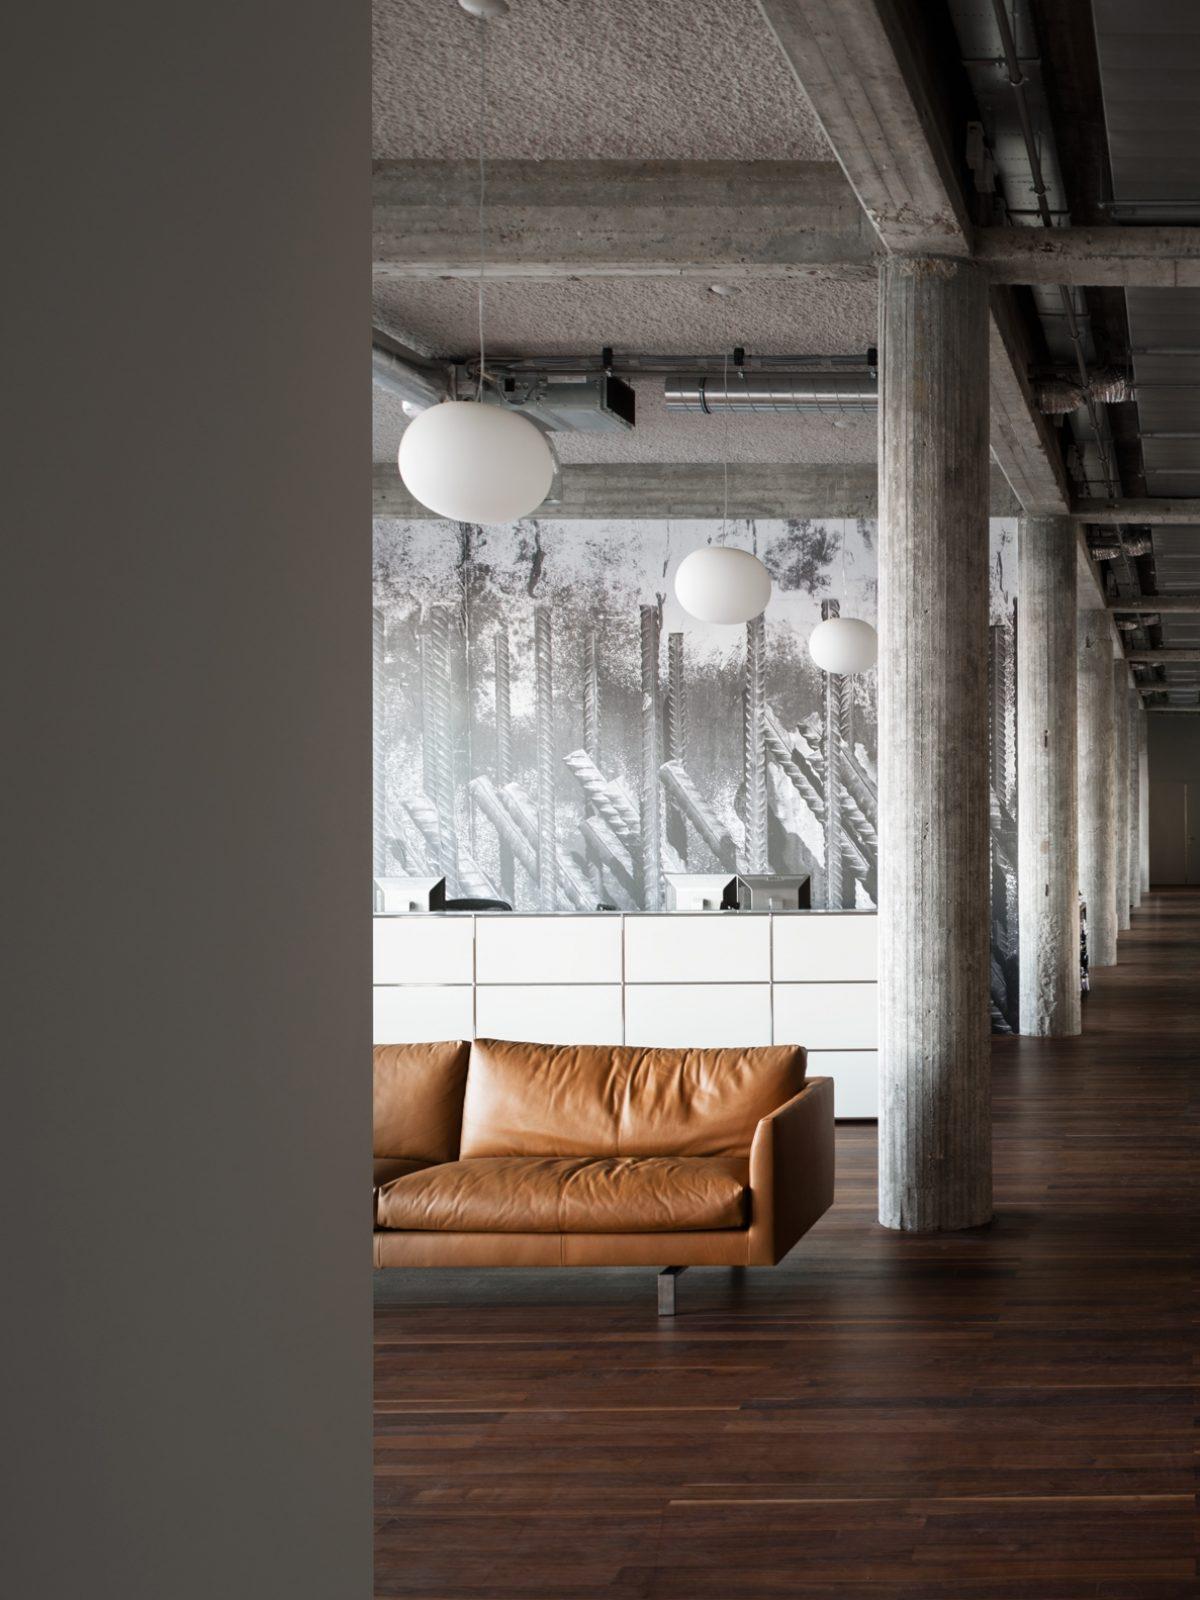 4 De Bank KAAN Architecten Simone Bossi